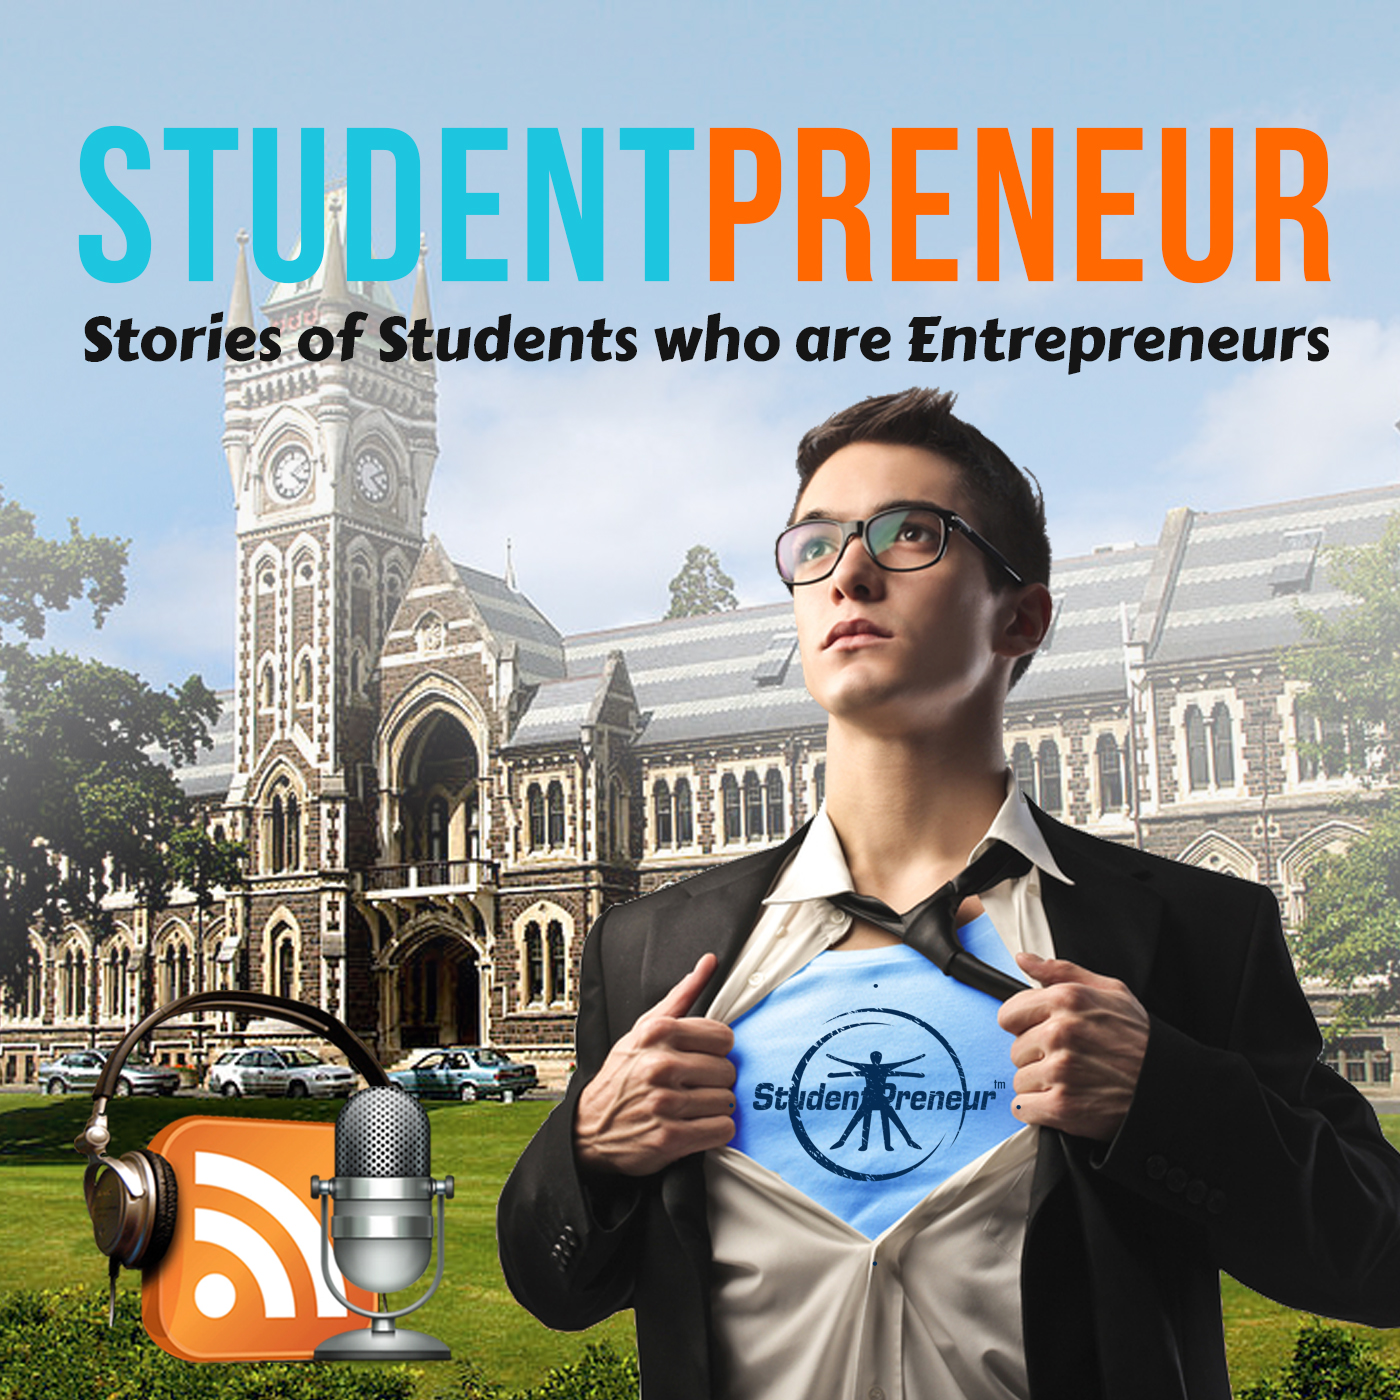 Artwork for #31: Studentpreneur + McKinsey consultant + MBA Studentpreneur = Gideon or how the entrepreneurial journey is not a straight line